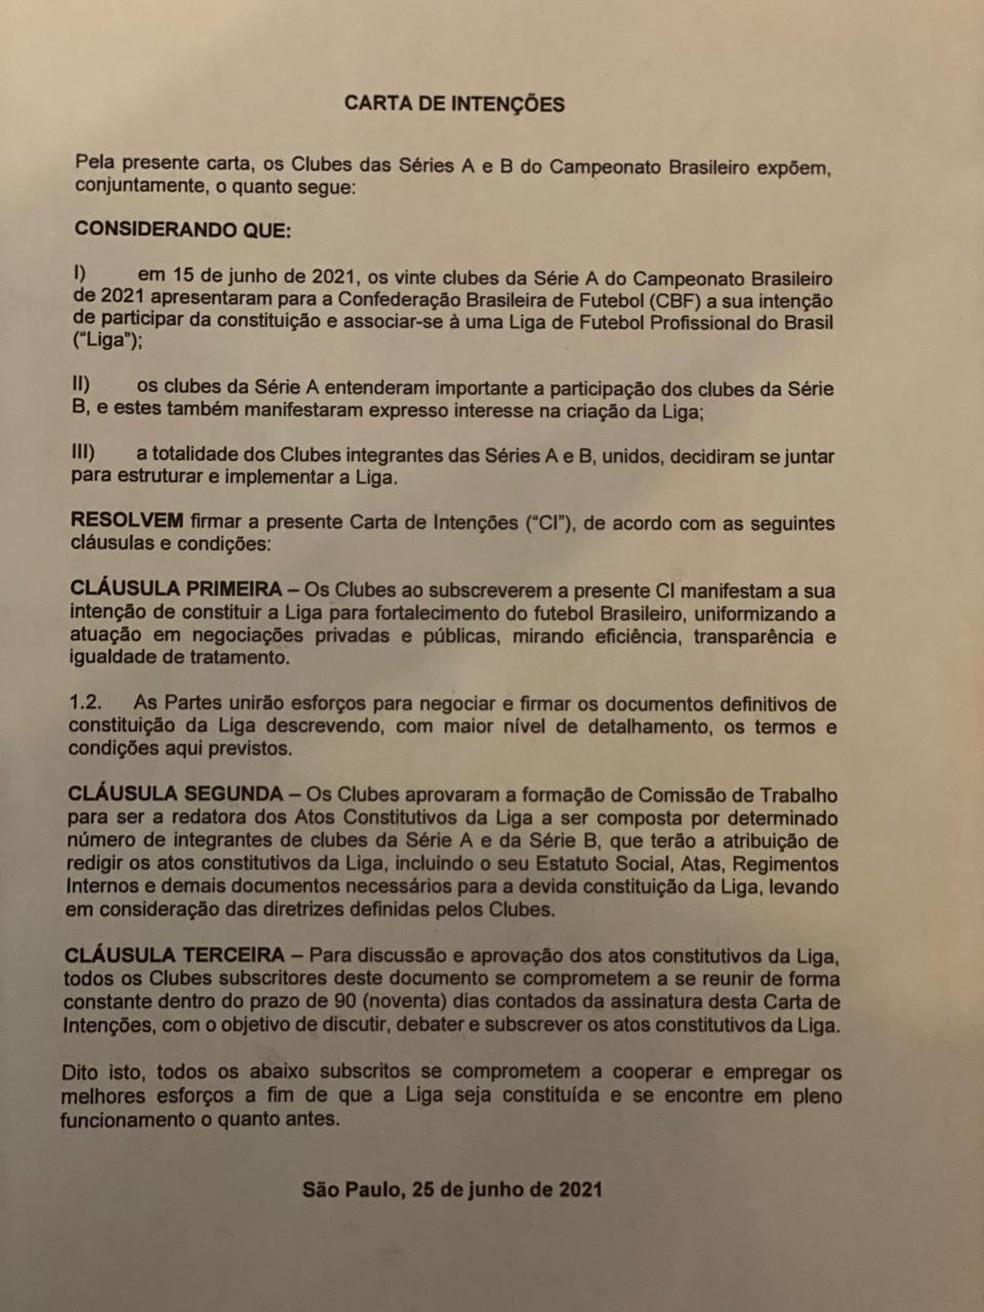 Carta de intenções para a criação da liga — Foto: Reprodução